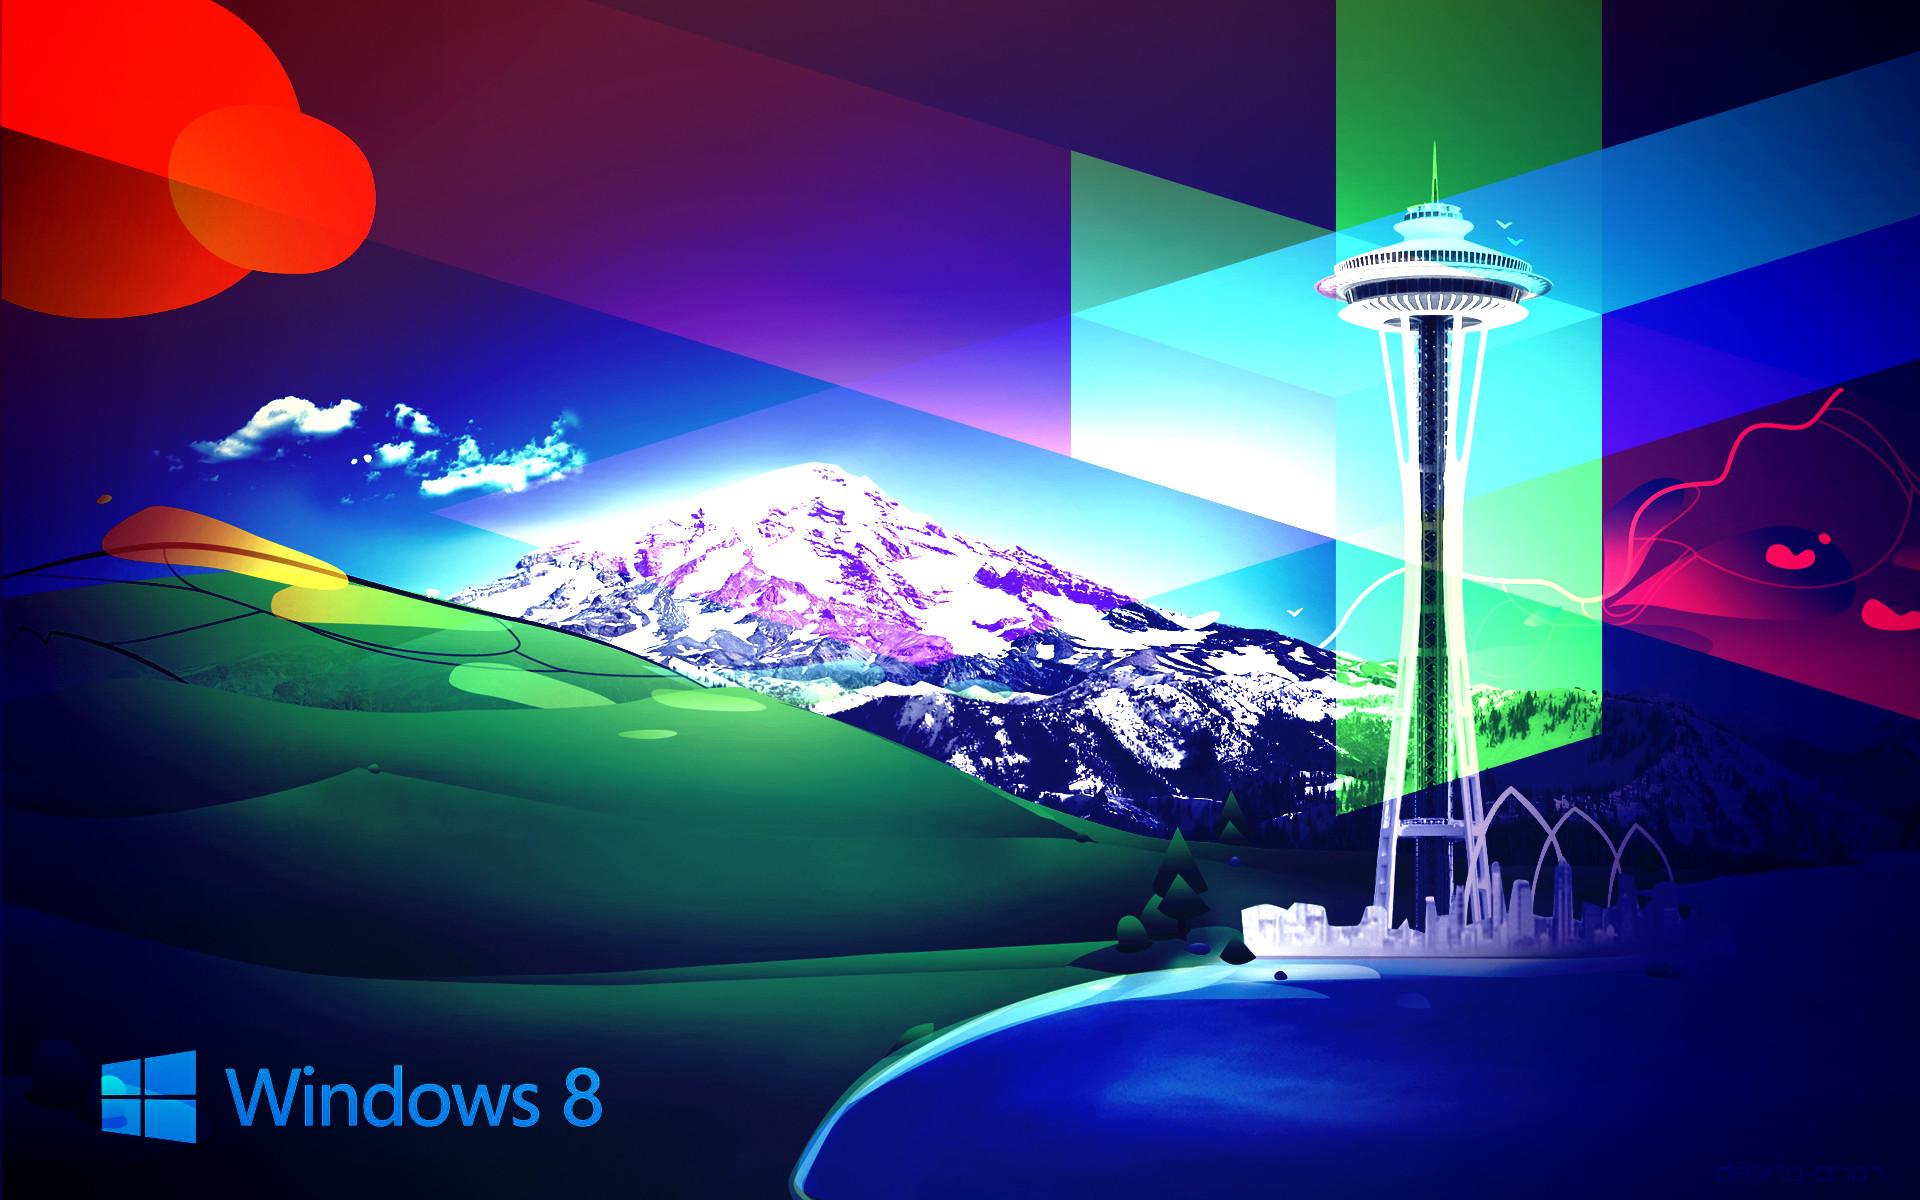 Windows 8 Wallpaper 6 Windows 8 Wallpaper 5   Data-src - Windows 8 Wallpaper 3d - HD Wallpaper